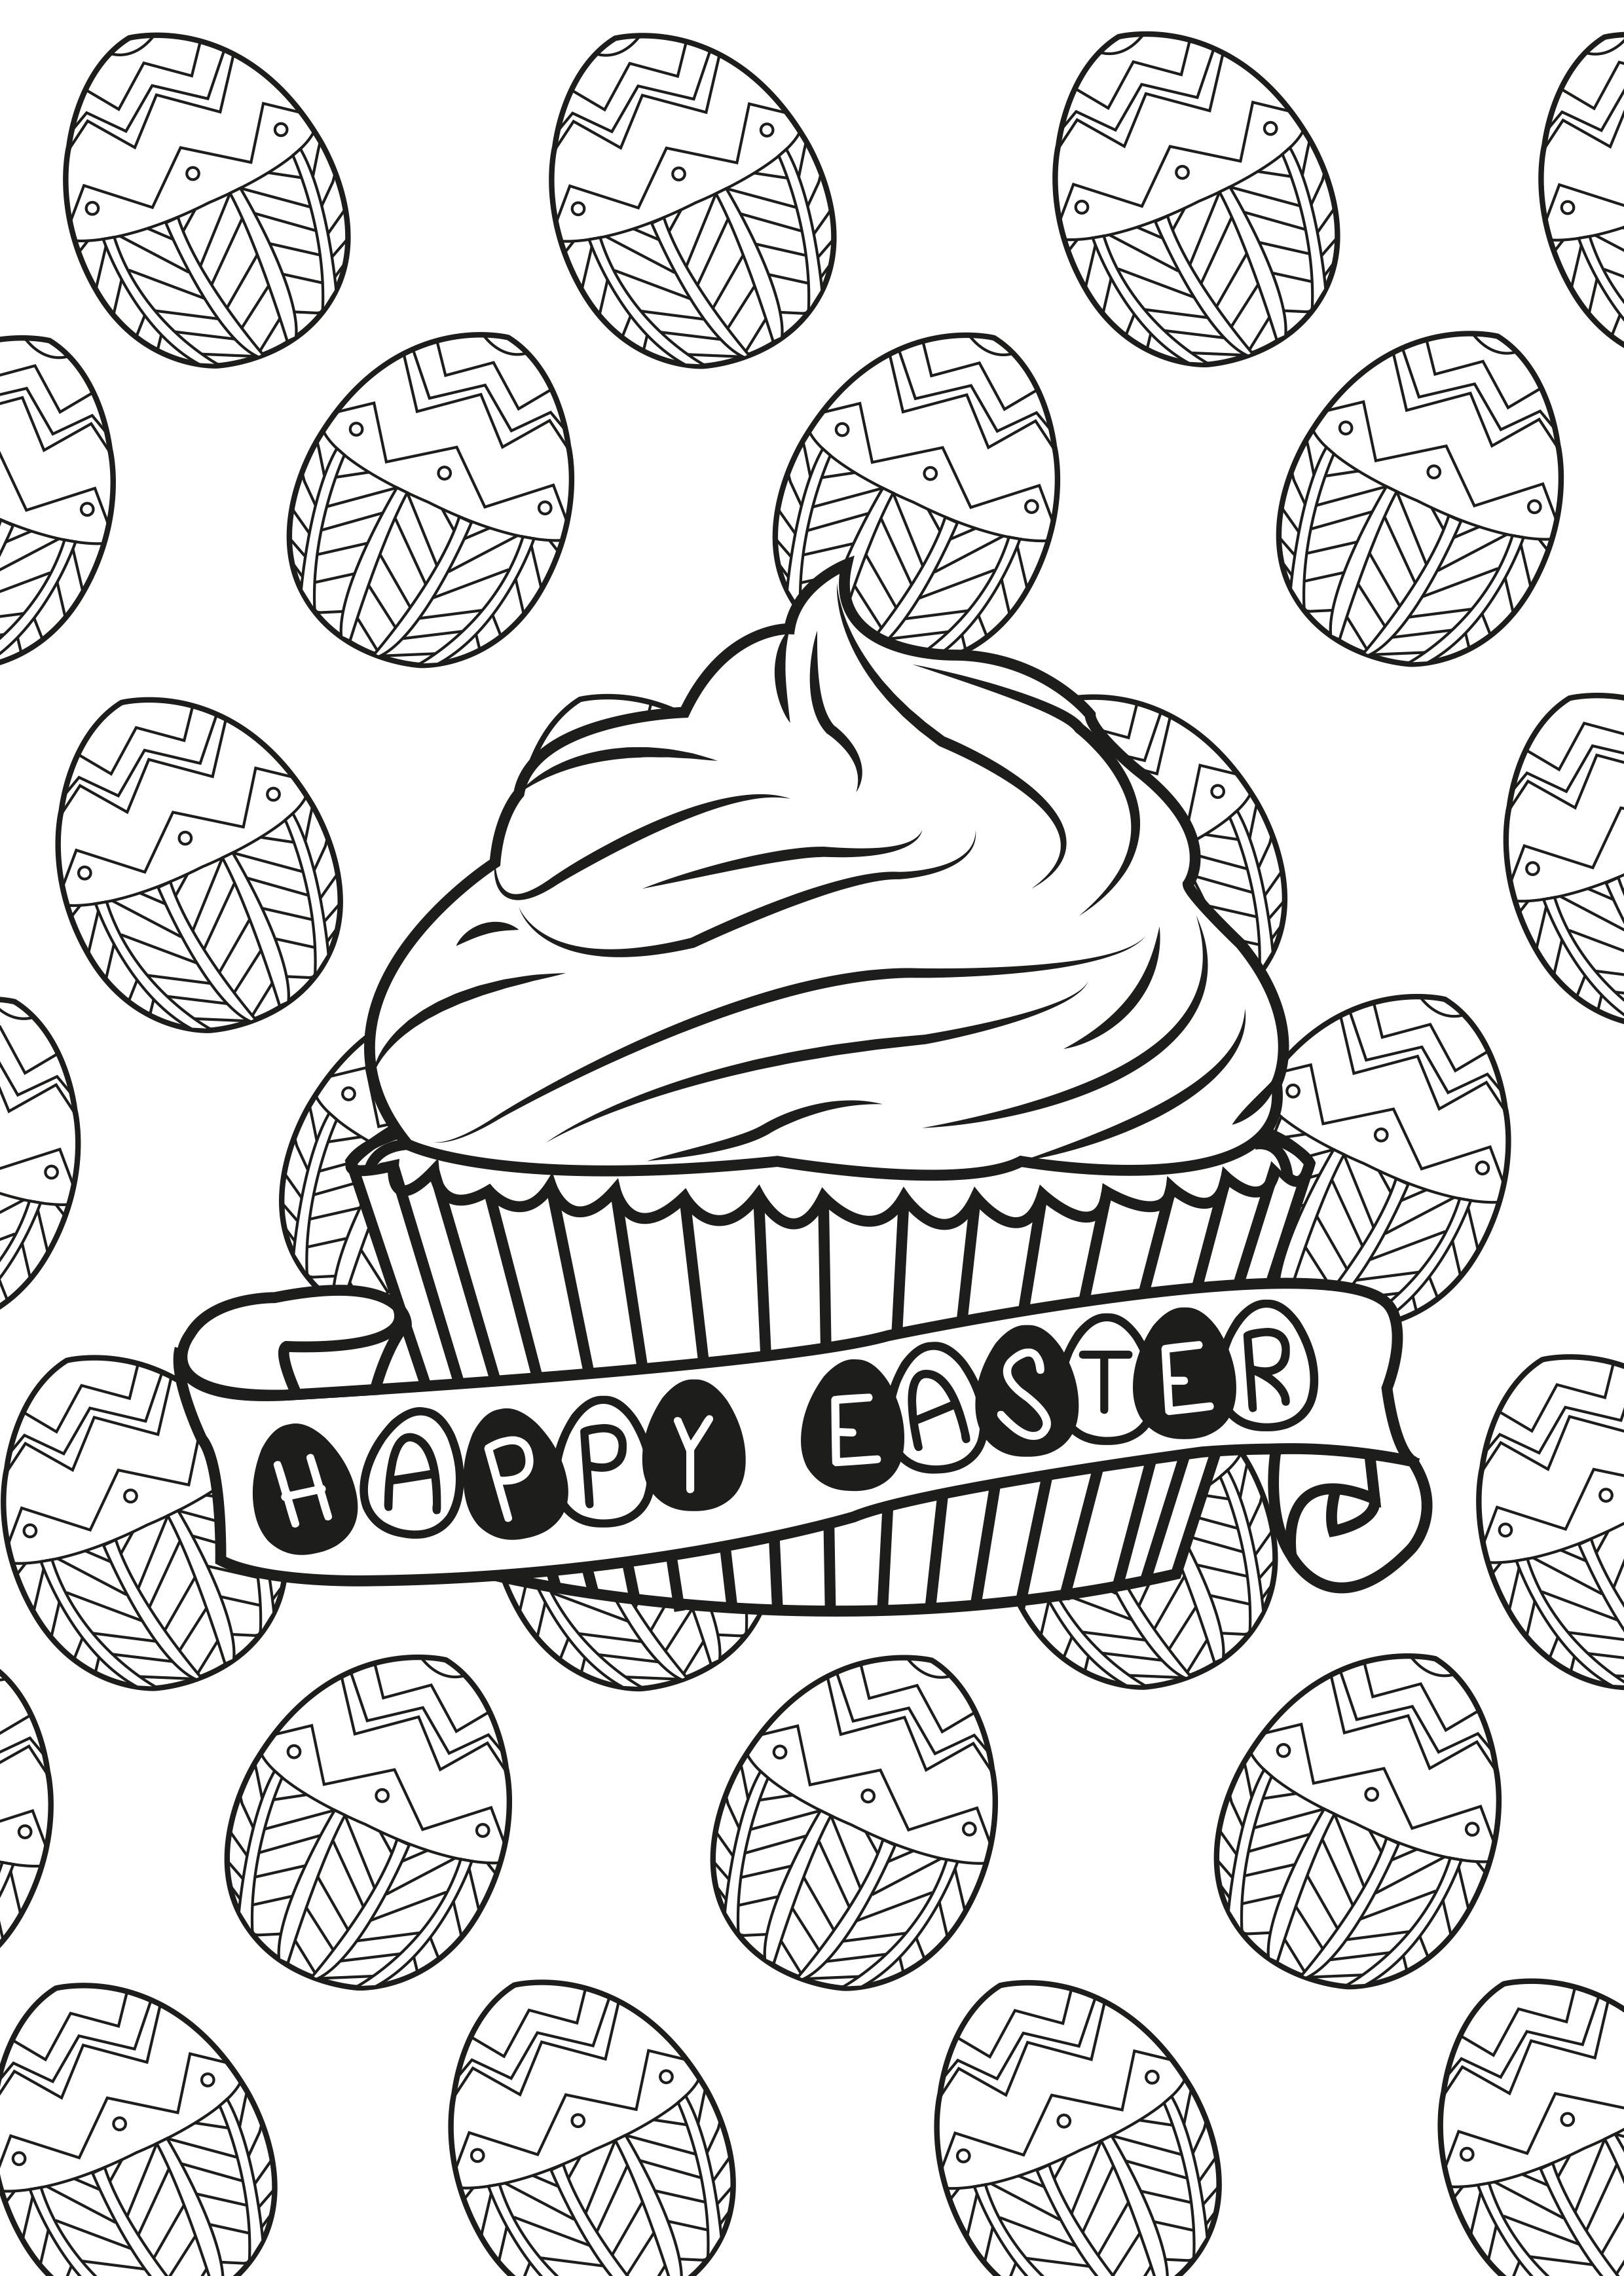 Coloriage d'un muffin spéciale pâques et les bons oeufs en chocolat en arrière plan !